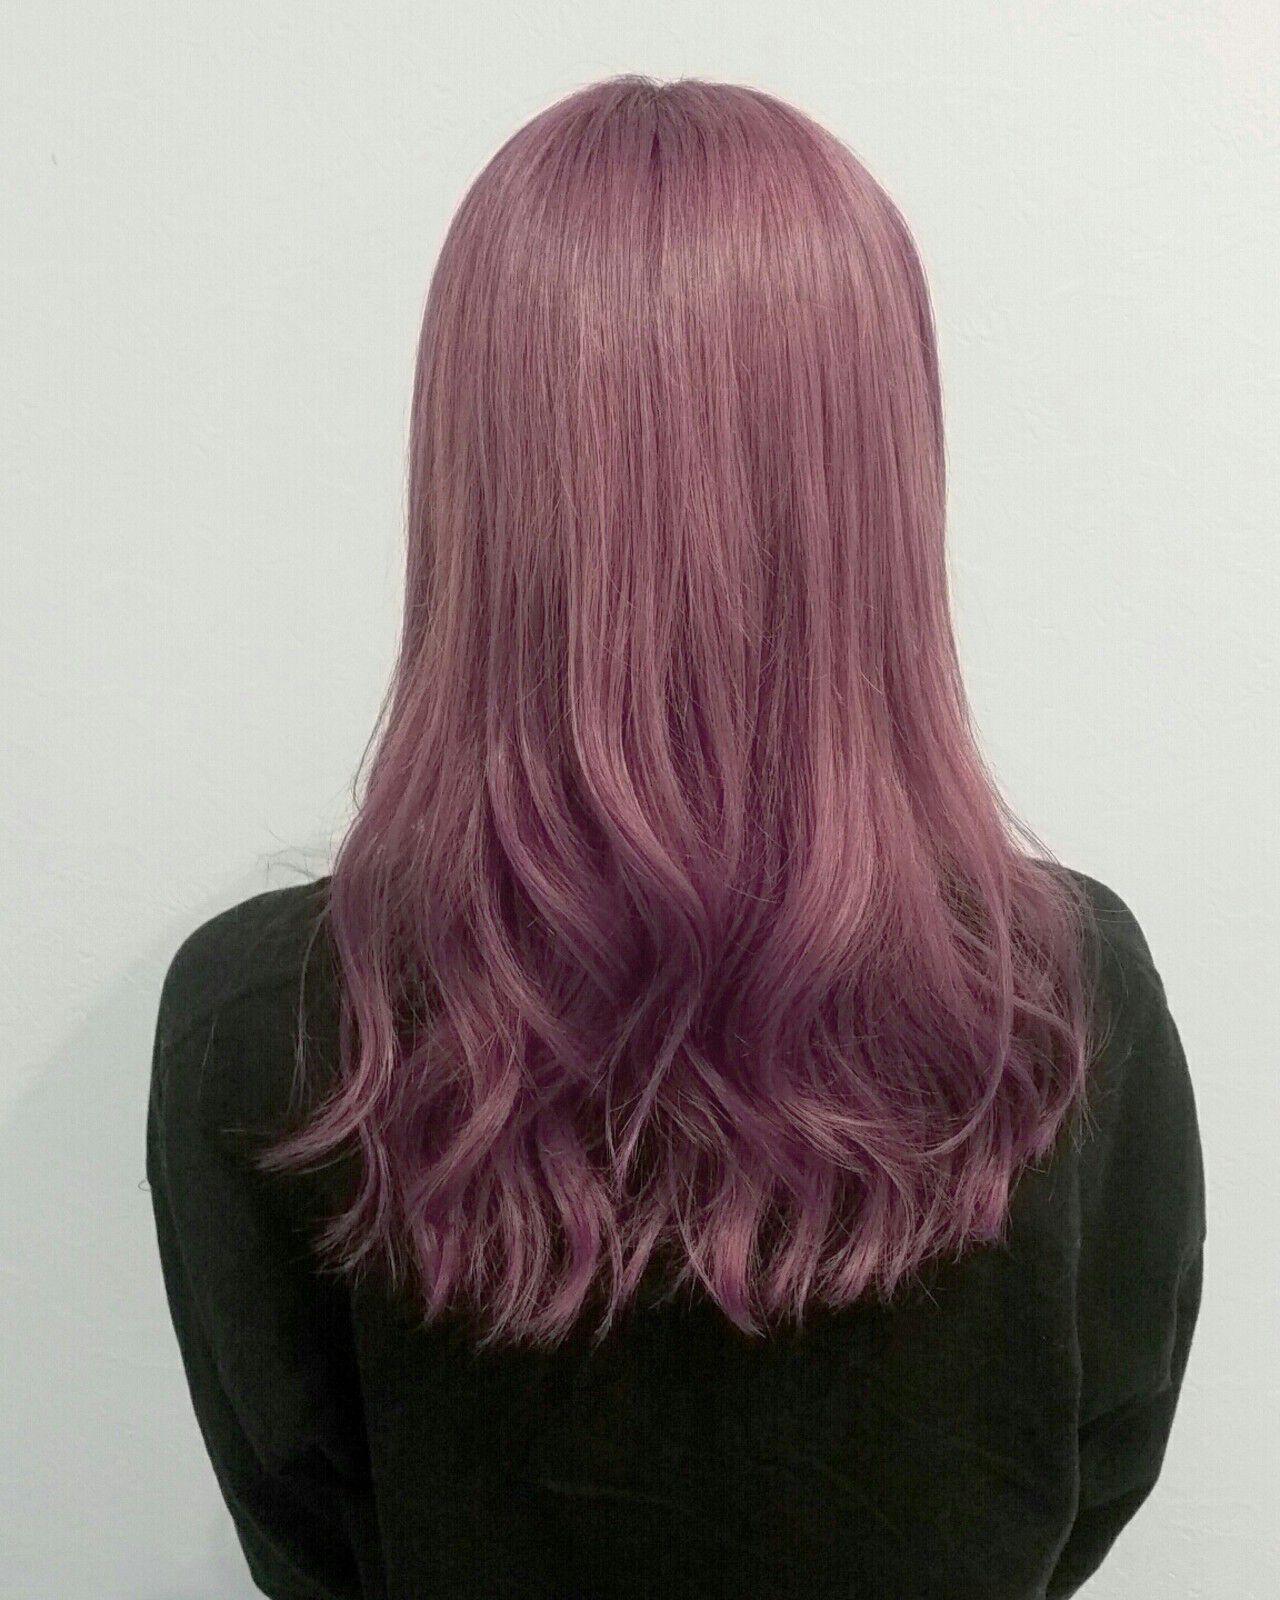 セミロング ピンク レッド パープルヘアスタイルや髪型の写真・画像